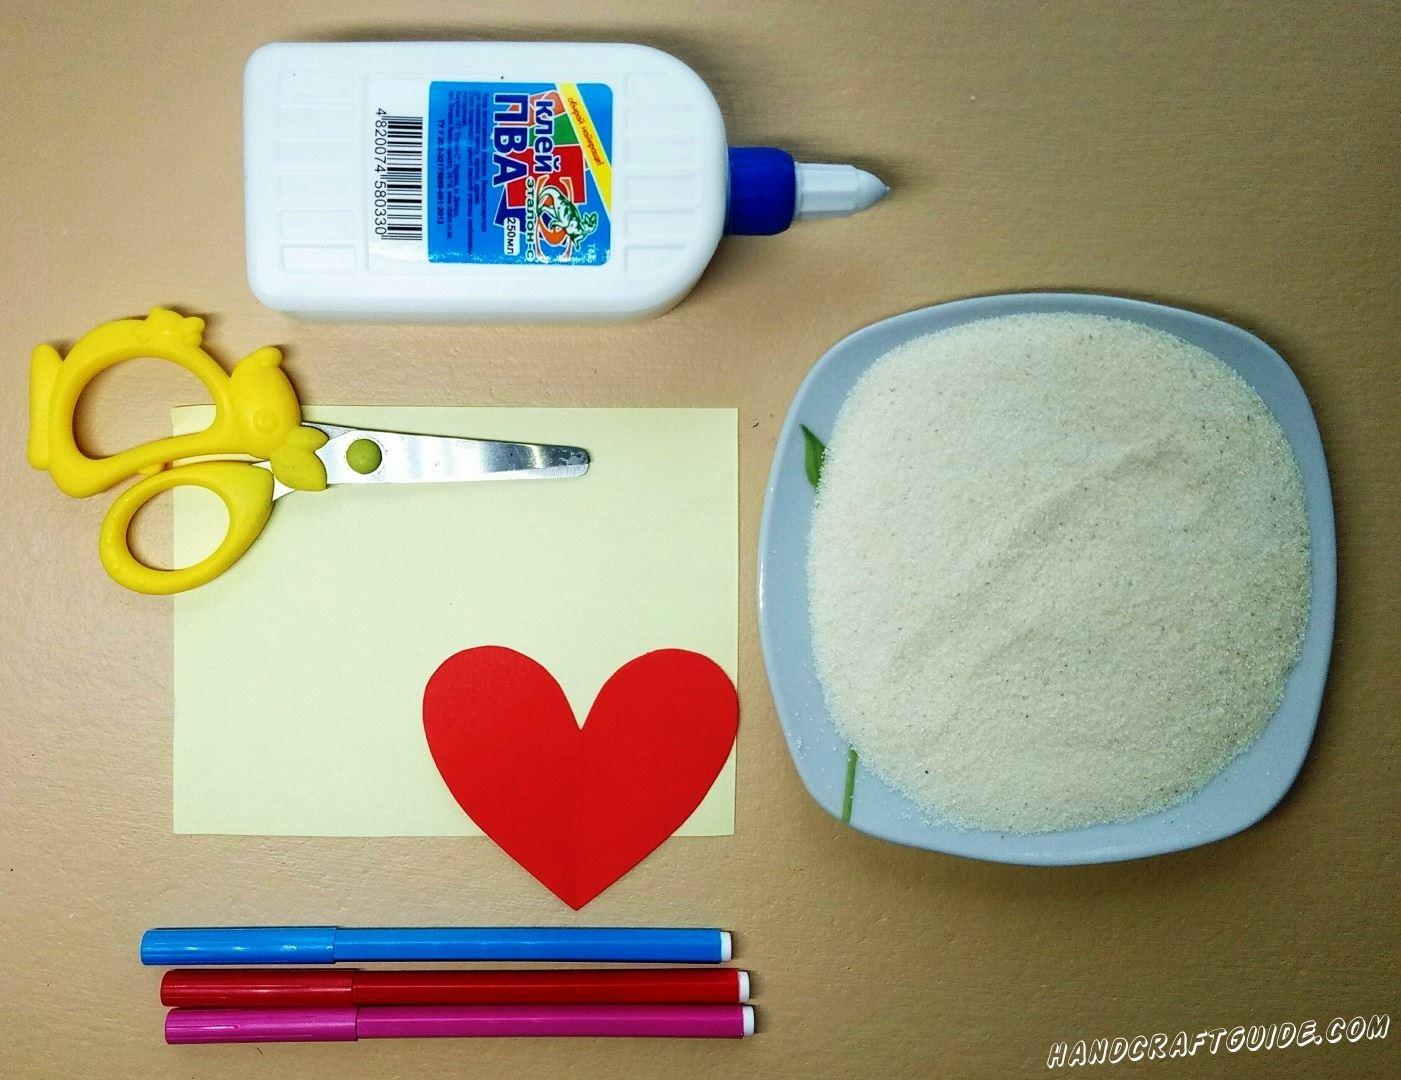 Вырезаем красивое сердечко и красной бумаги и наклеиваем его на светлый фон